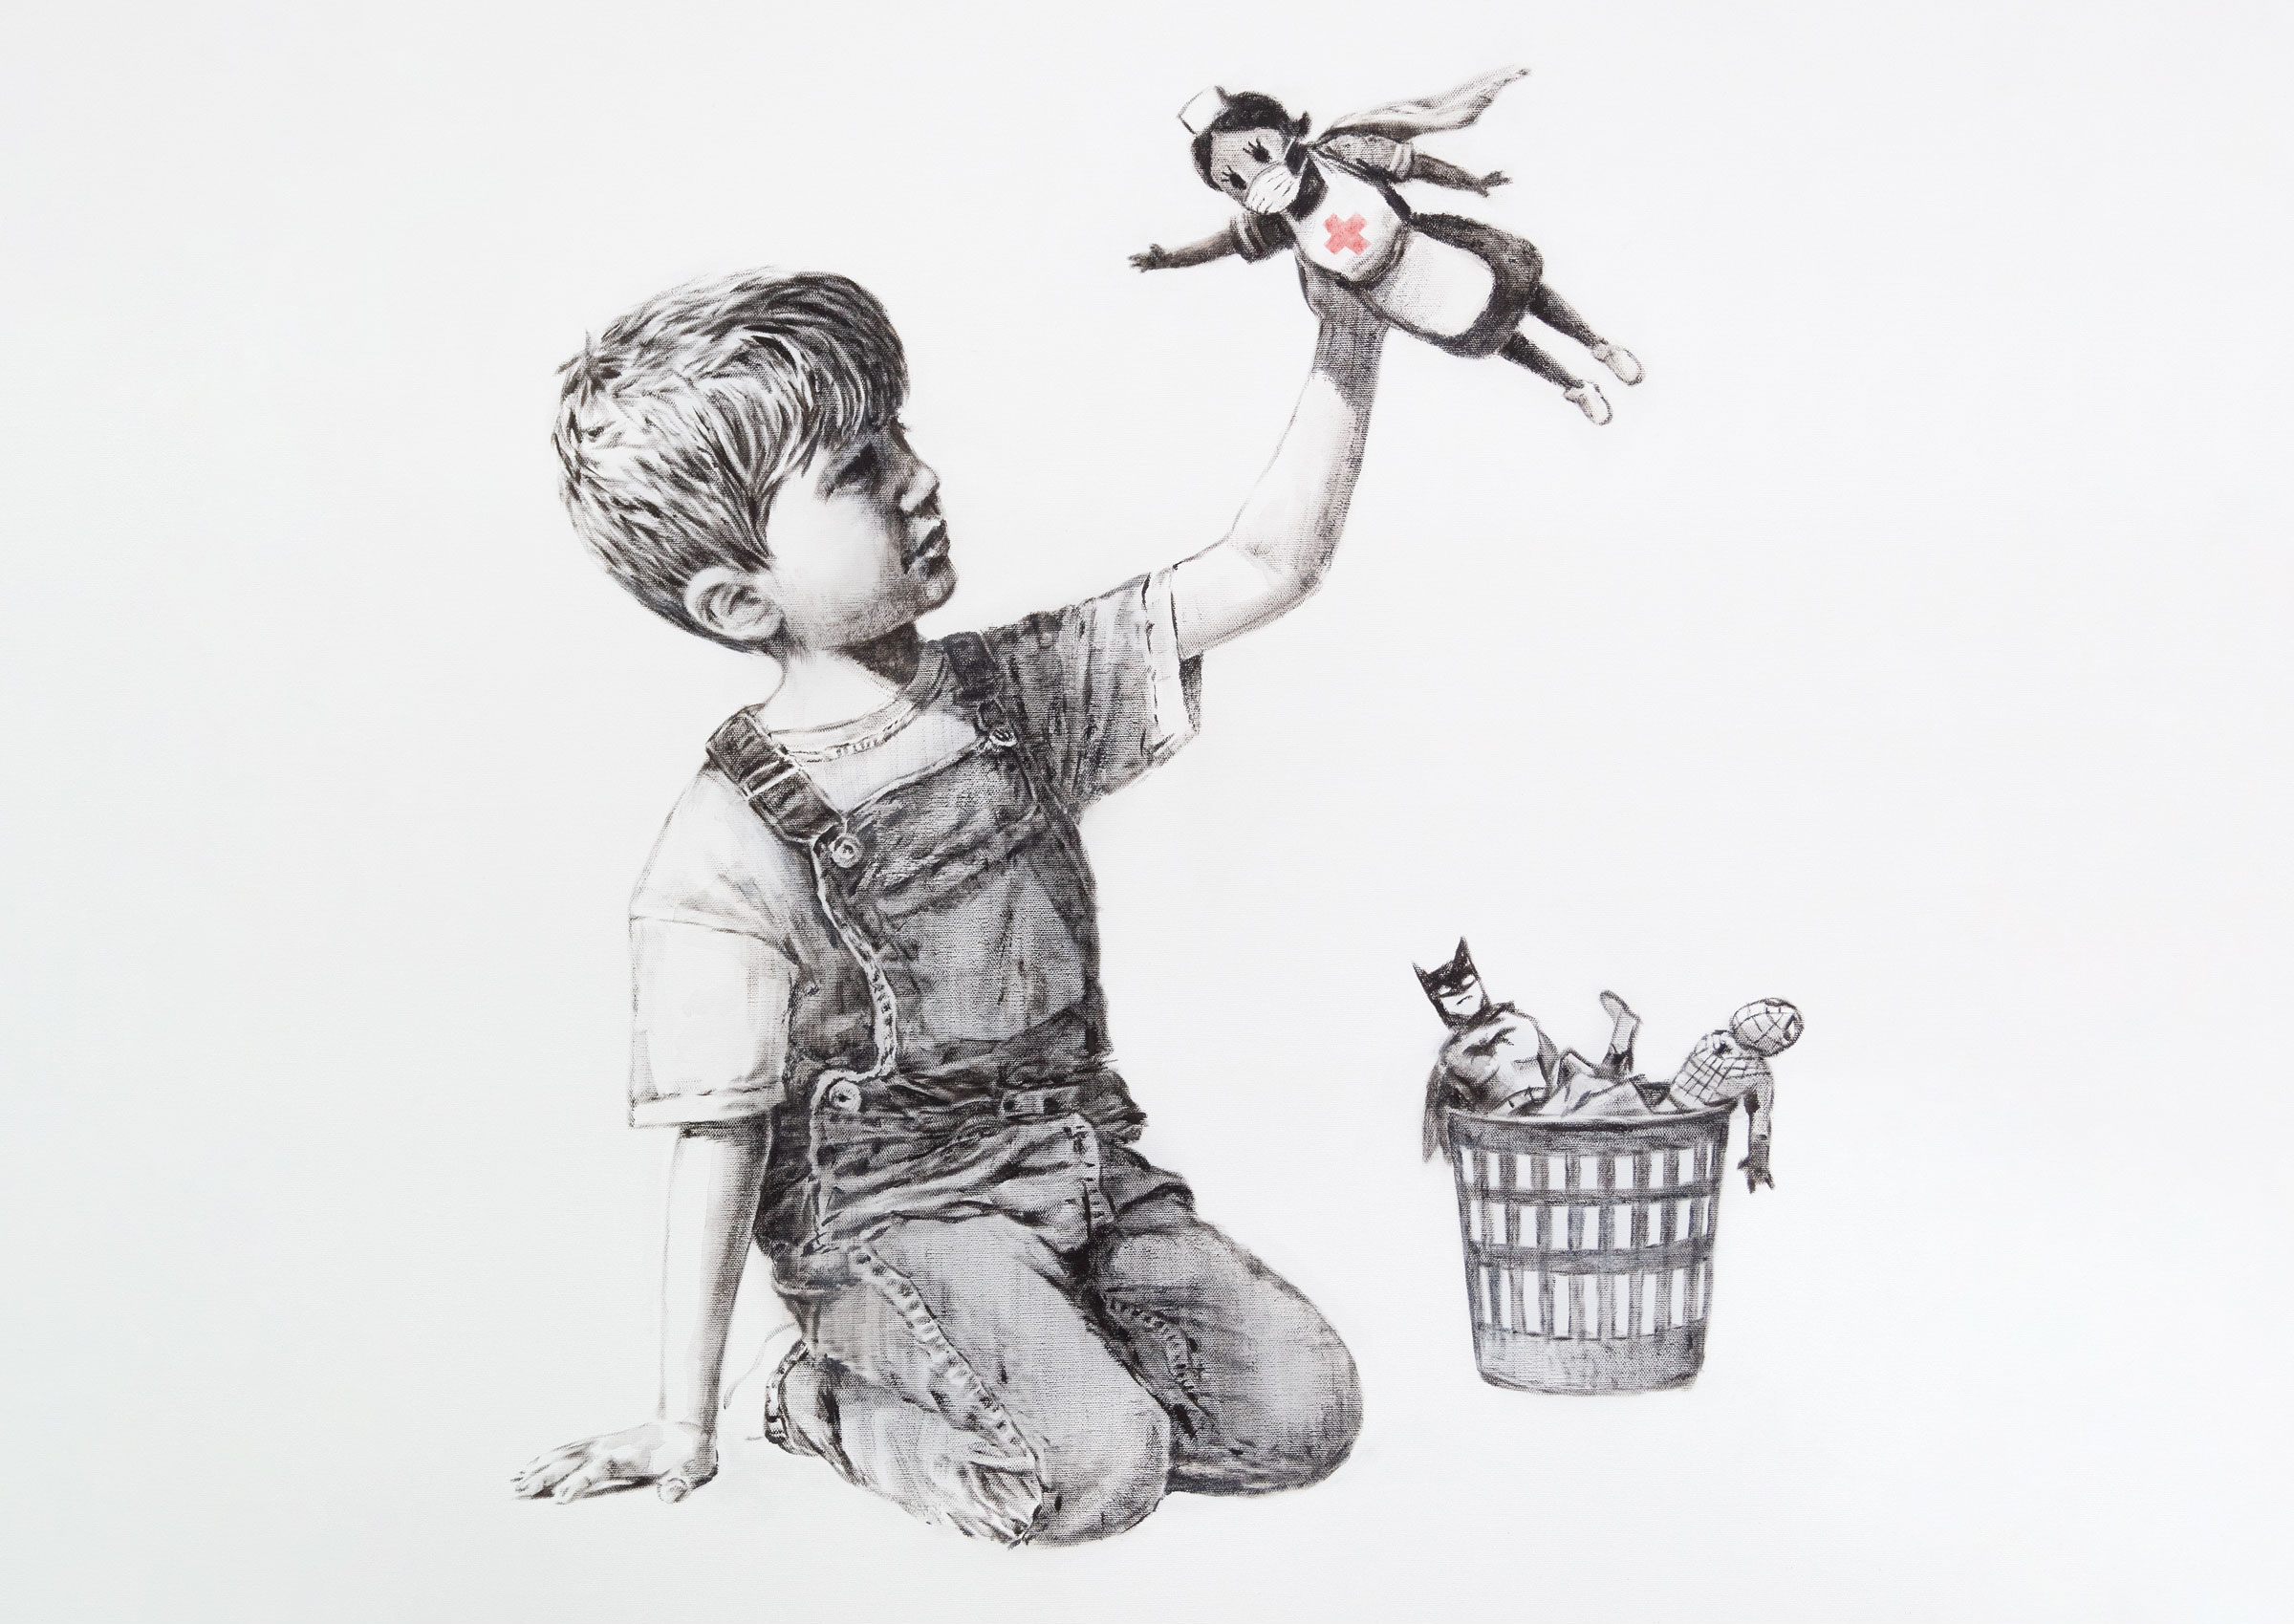 New Banksy artwork pays tribute to UK's NHS heroes